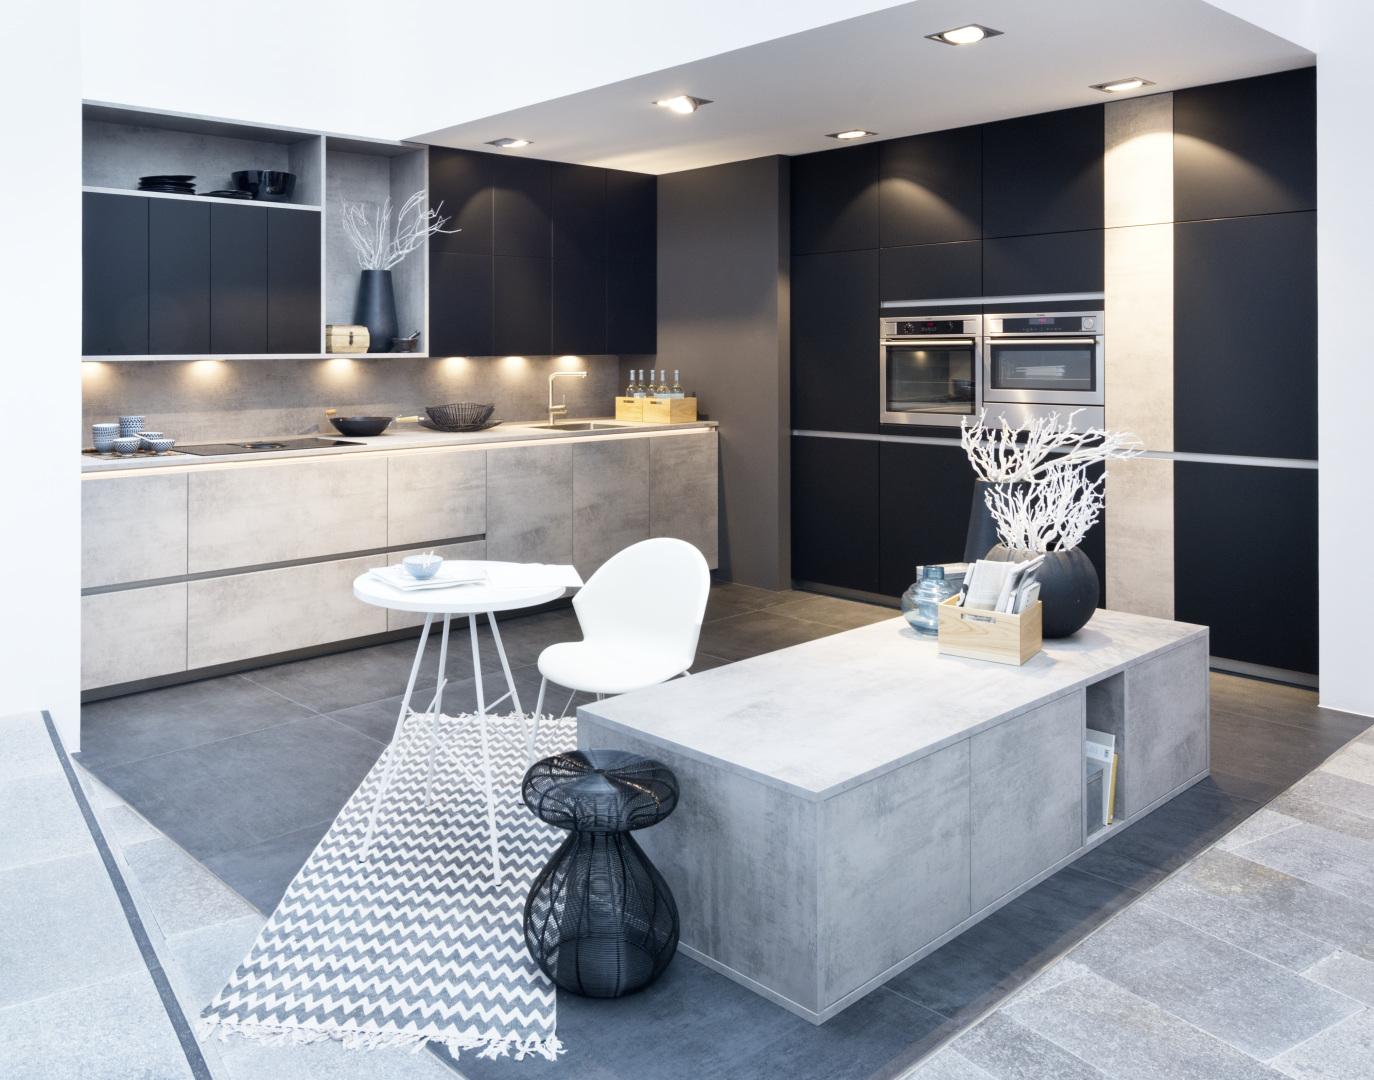 nowoczesna kuchnia w odcieniach czarnego matu, w połączeniu z betonem